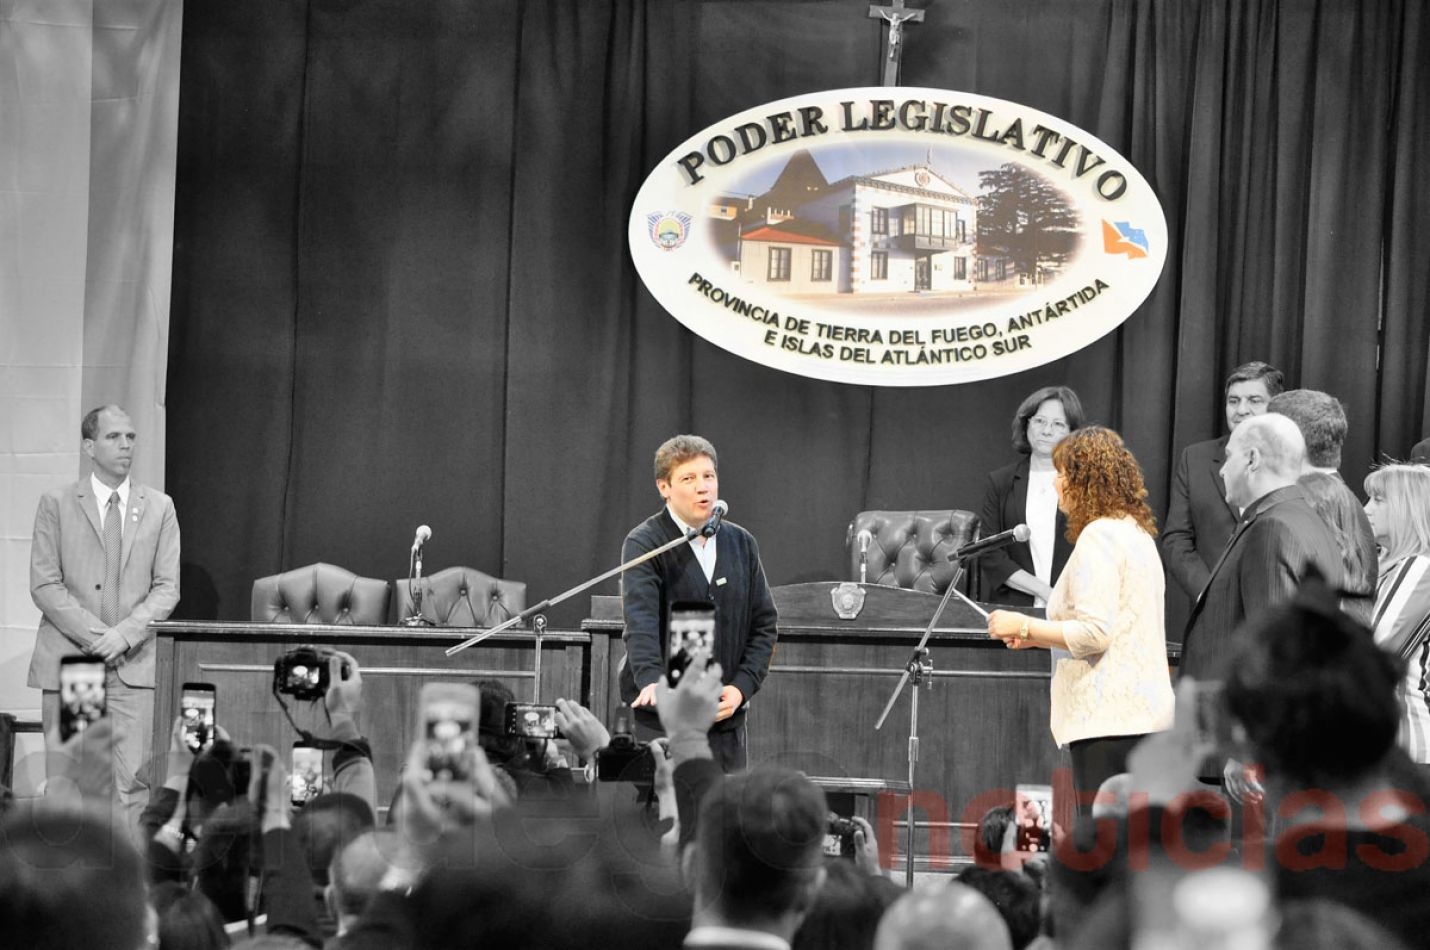 Gobernador de la Provincia de Tierra del Fuego AIAS, Gustavo Melella junto a la Vicegobernadora Mónica Urquiza